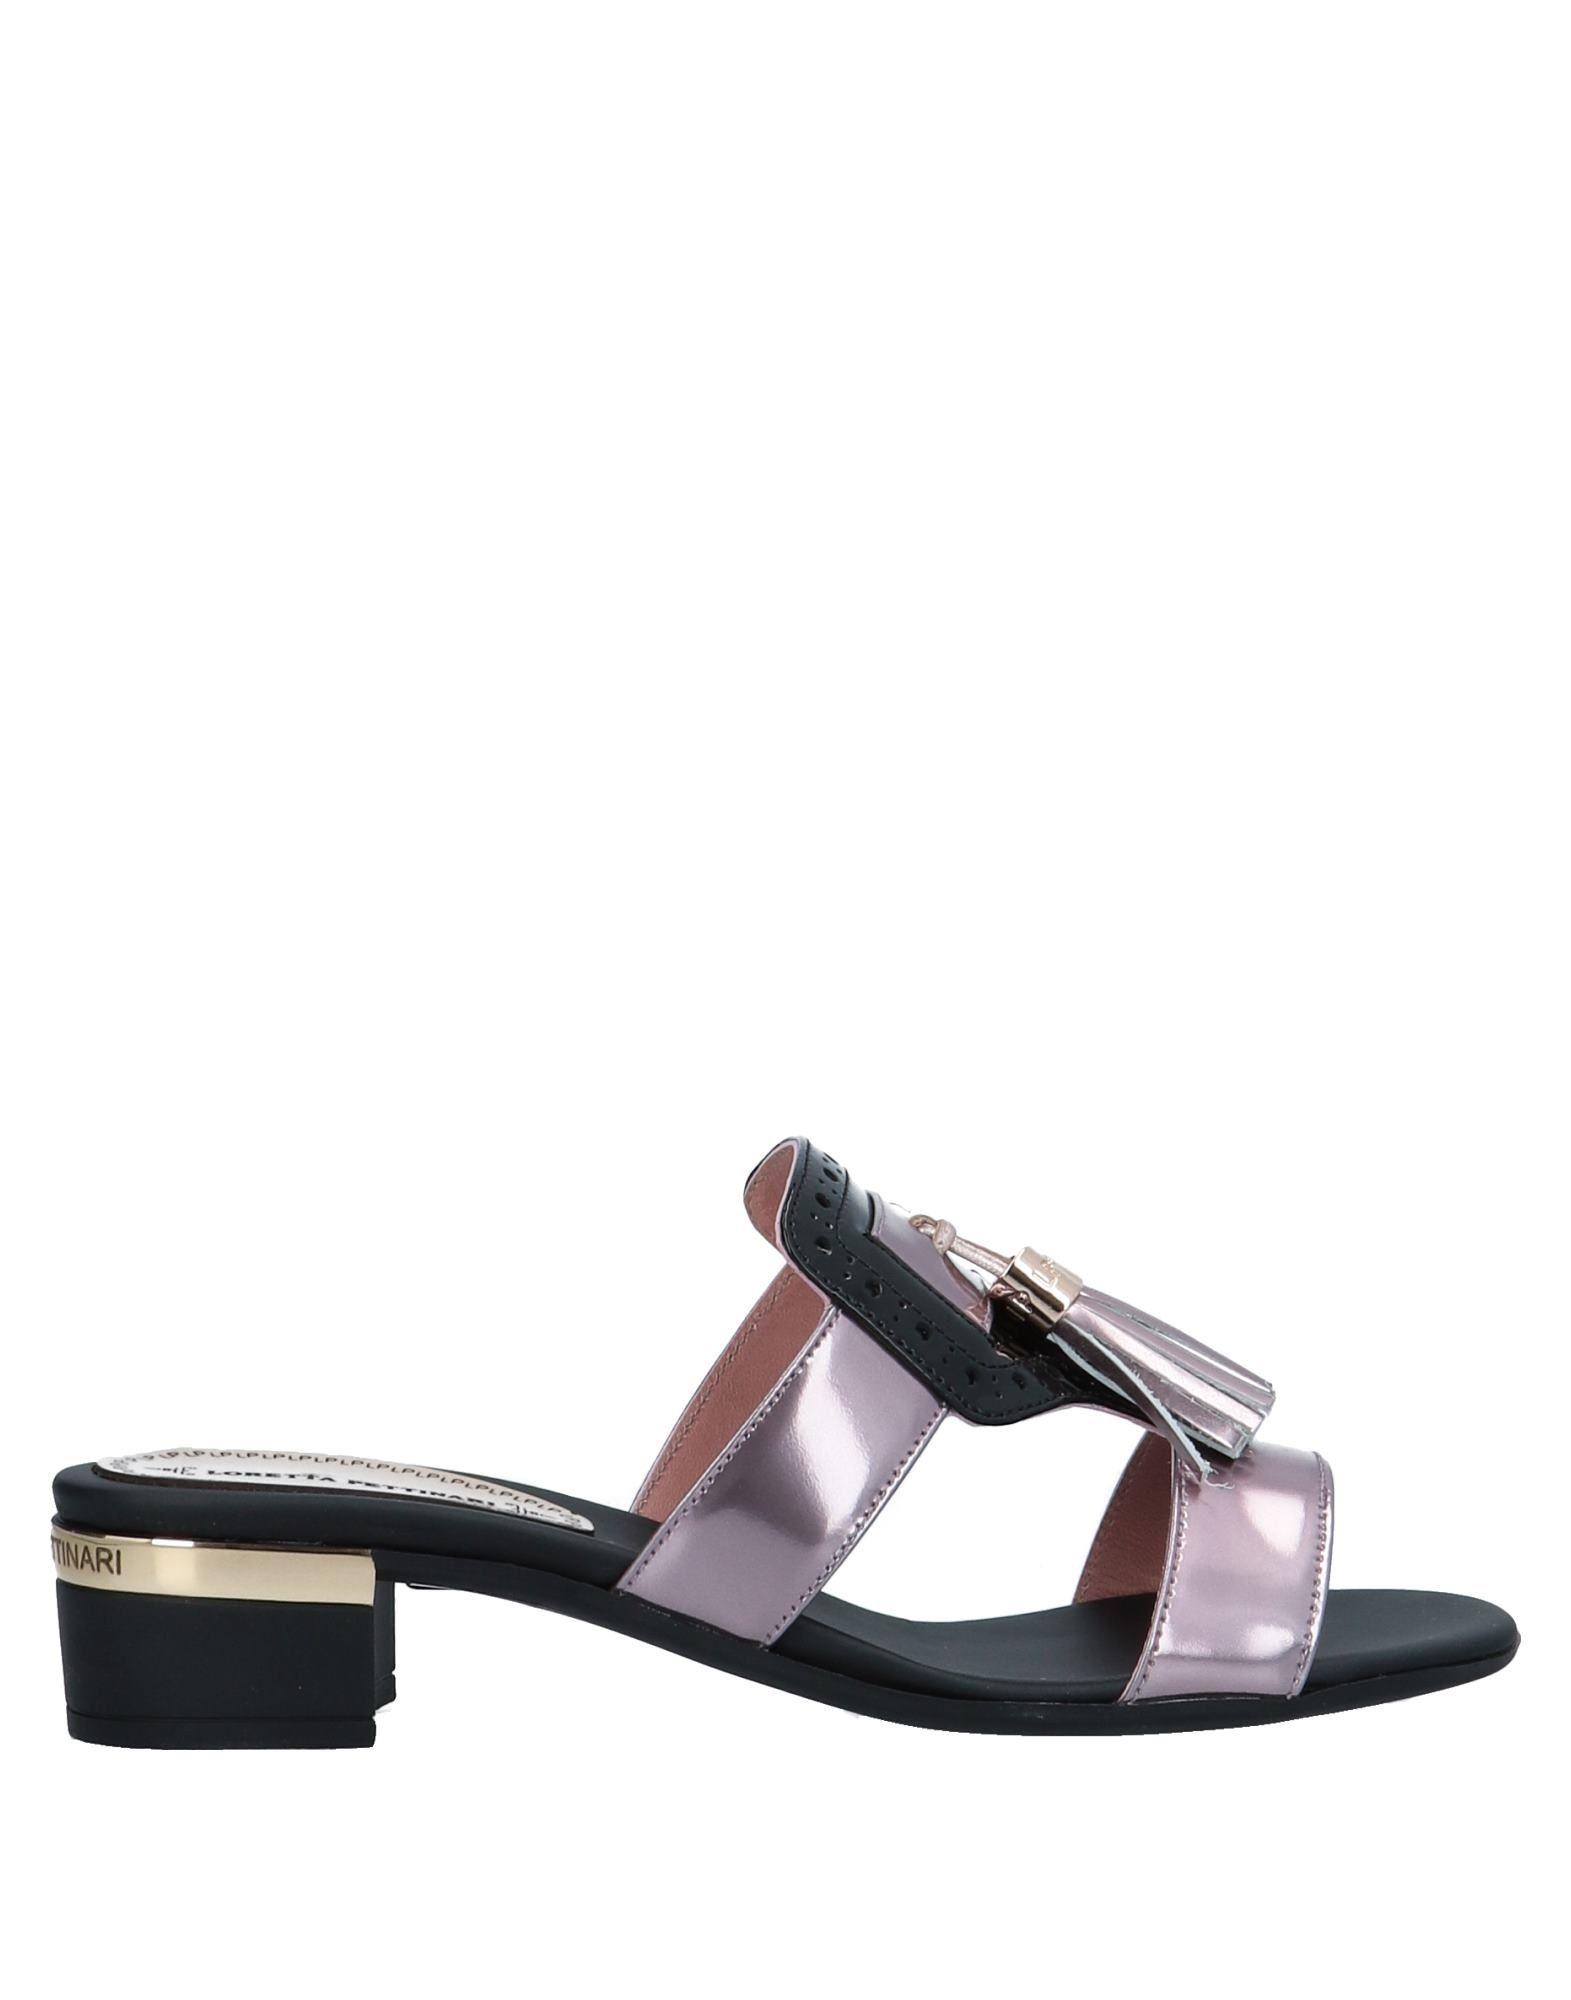 Loretta Pettinari Sandals - Women Women Women Loretta Pettinari Sandals online on  United Kingdom - 11565357LW 89f370